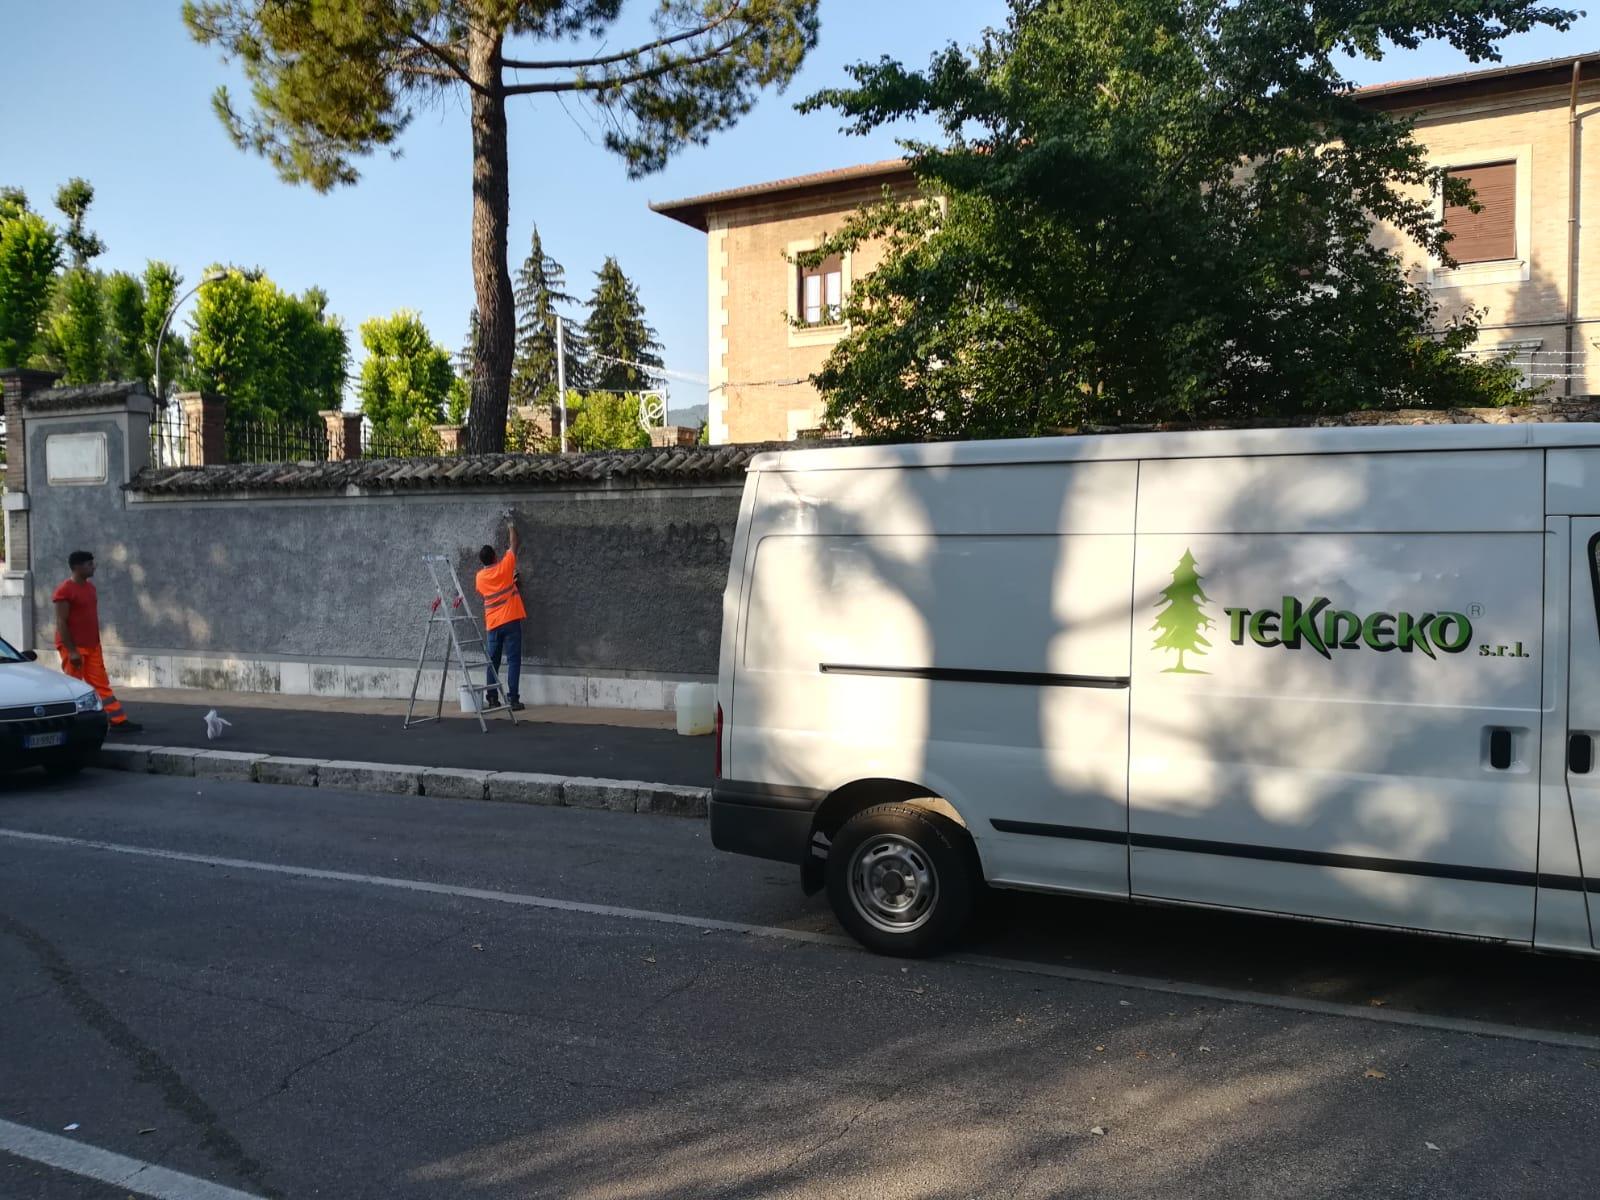 Operatori Tekneko in azione a Villa Torlonia, ripulite da scritte e murales le mura perimetrali